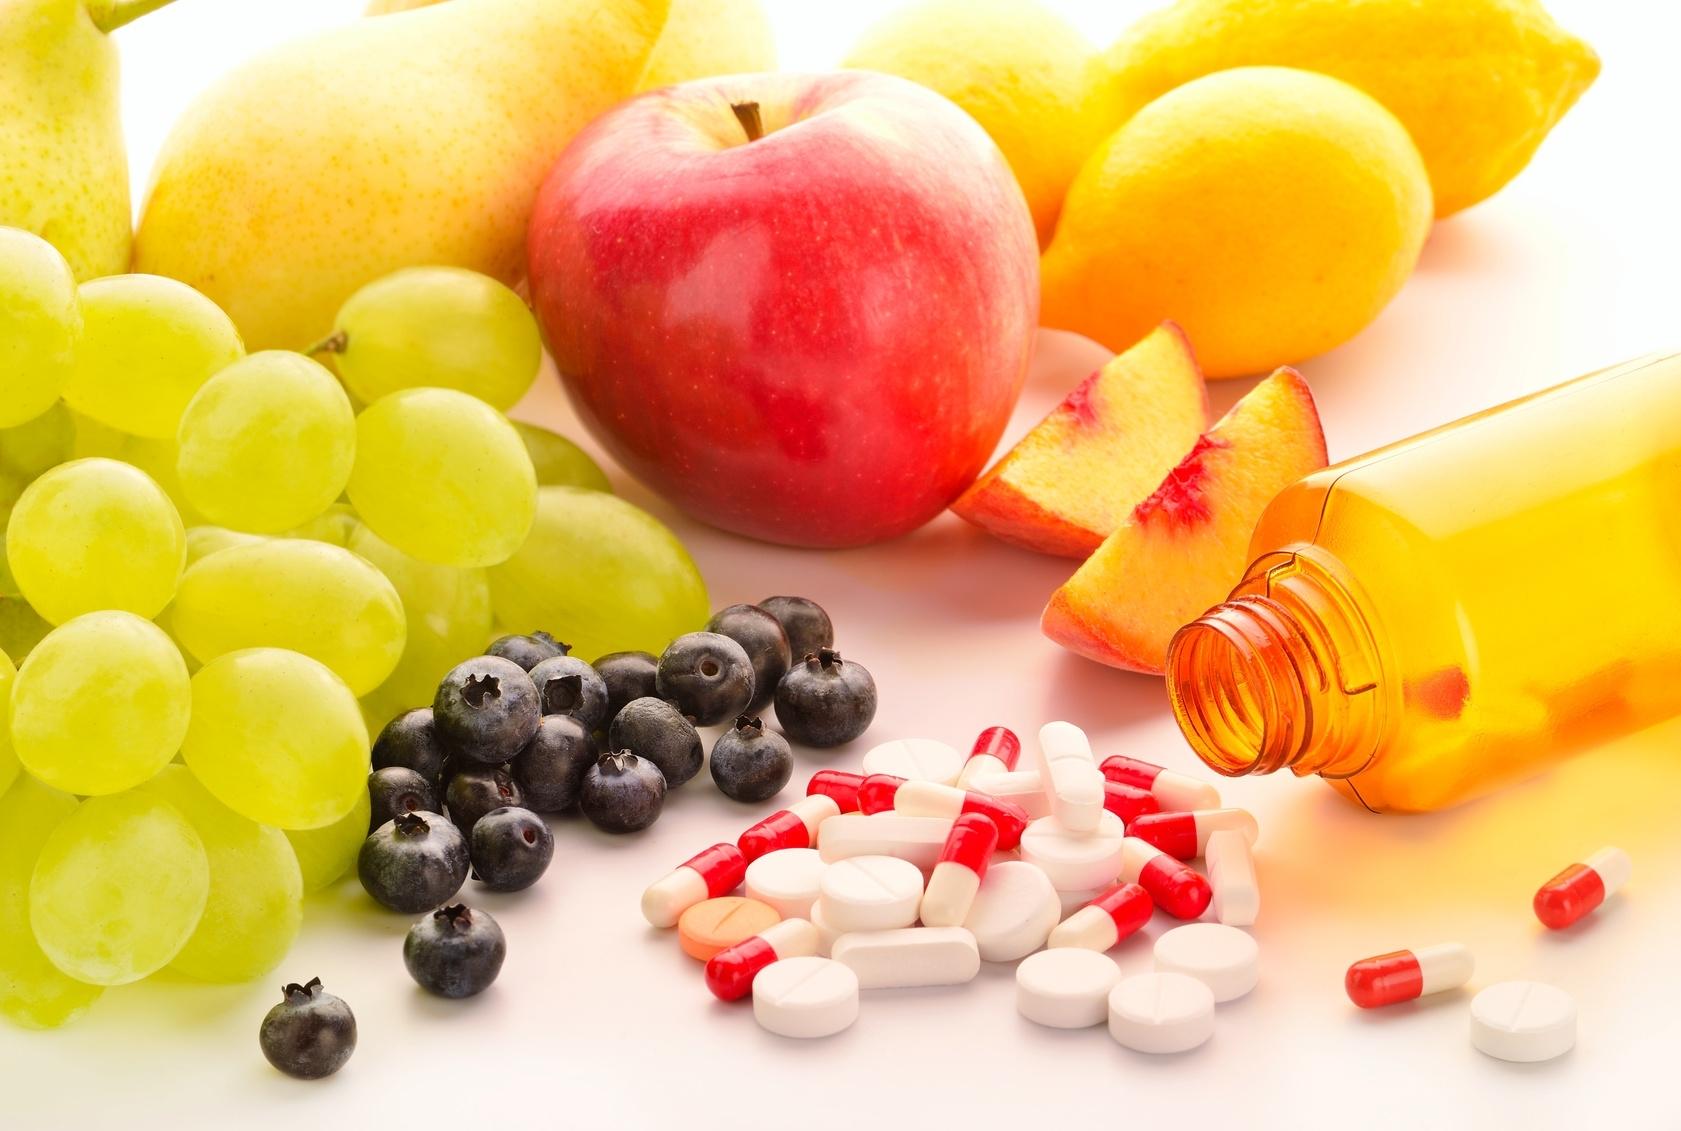 Витамины маме при грудном вскармливании: рекомендации врачей